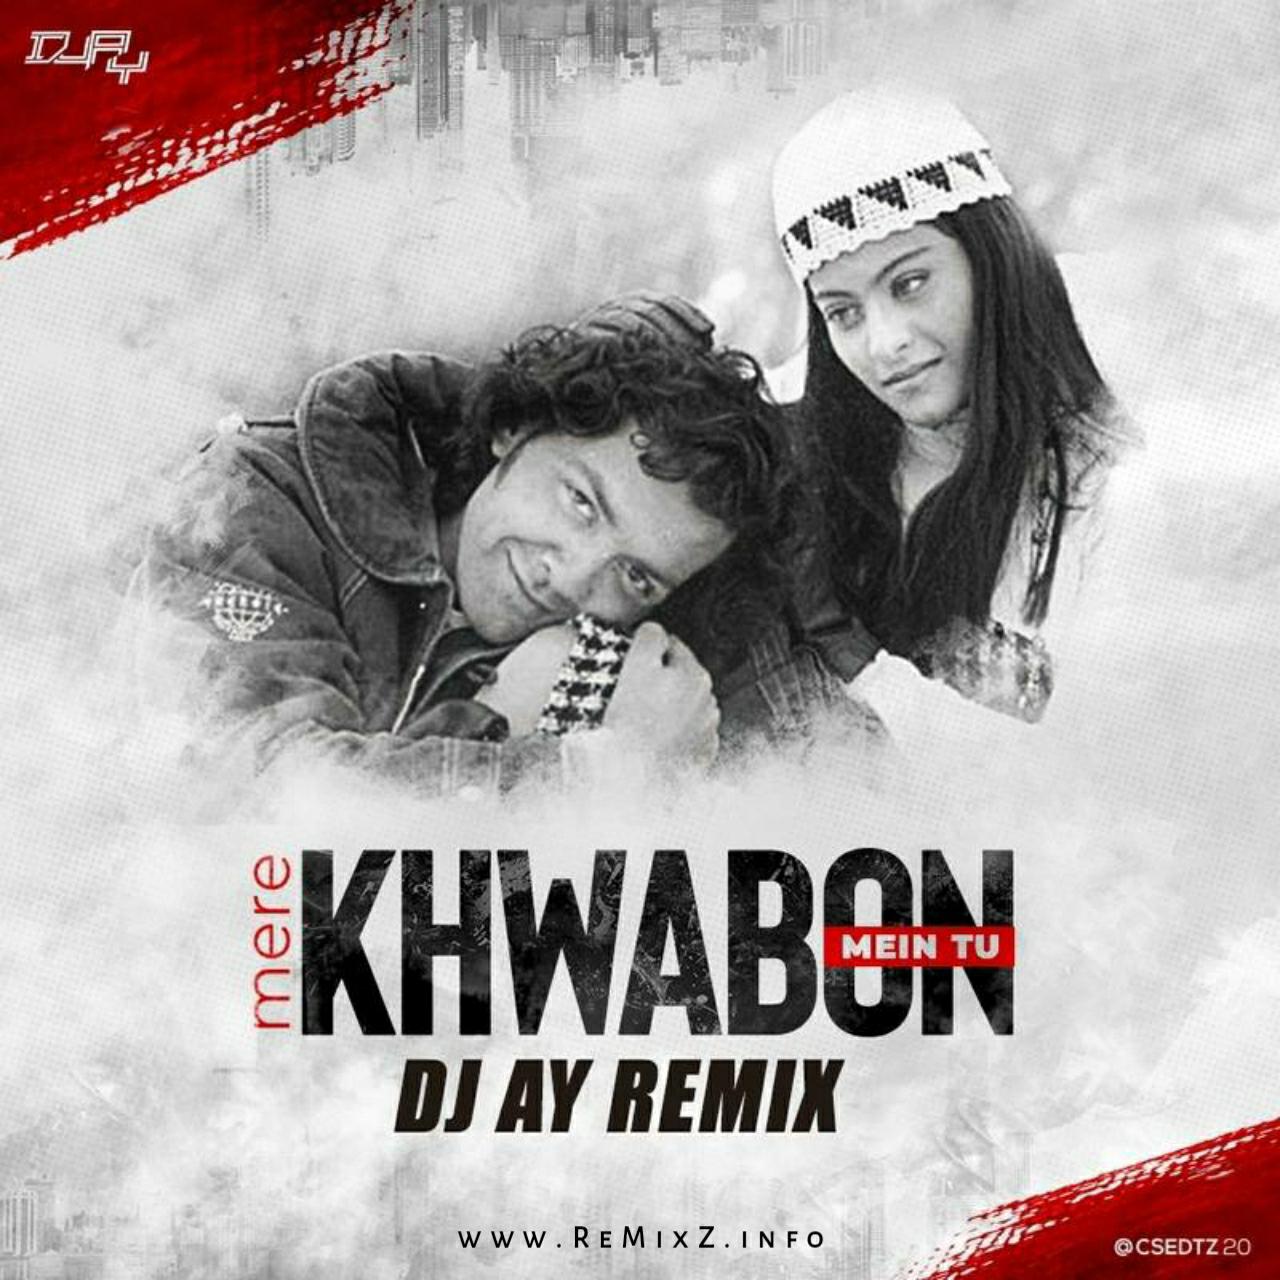 Mere-khwabon-mein-tu-dj-ay-remix.jpg